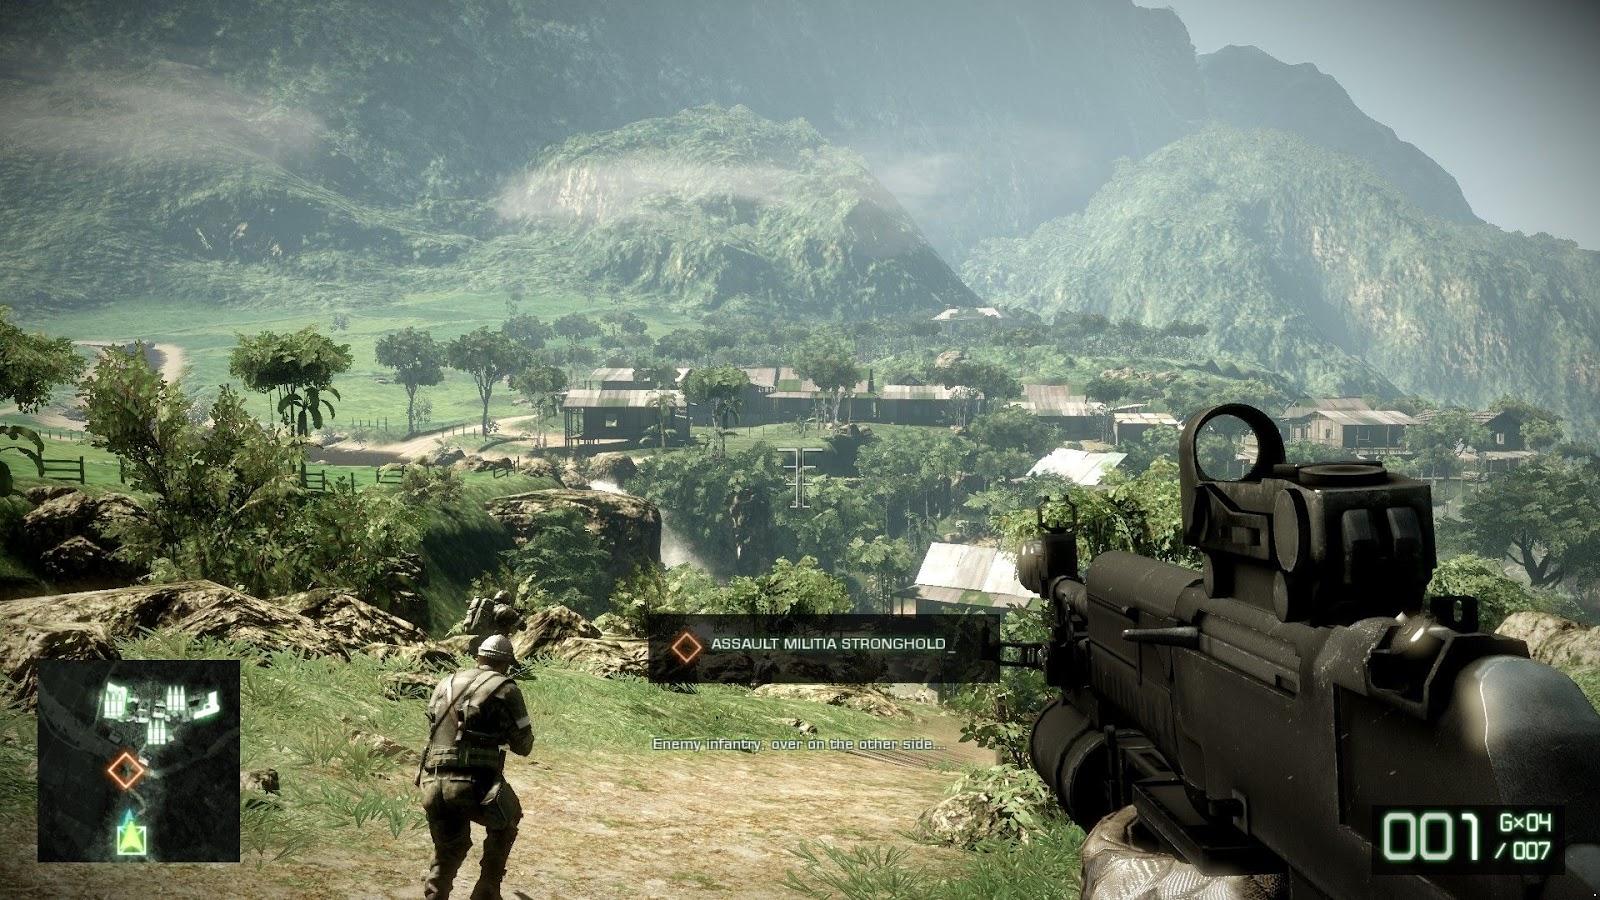 Battlefield Bad Company 2 PC 11 May 2010 08 - Battlefield Bad Company 2 PC